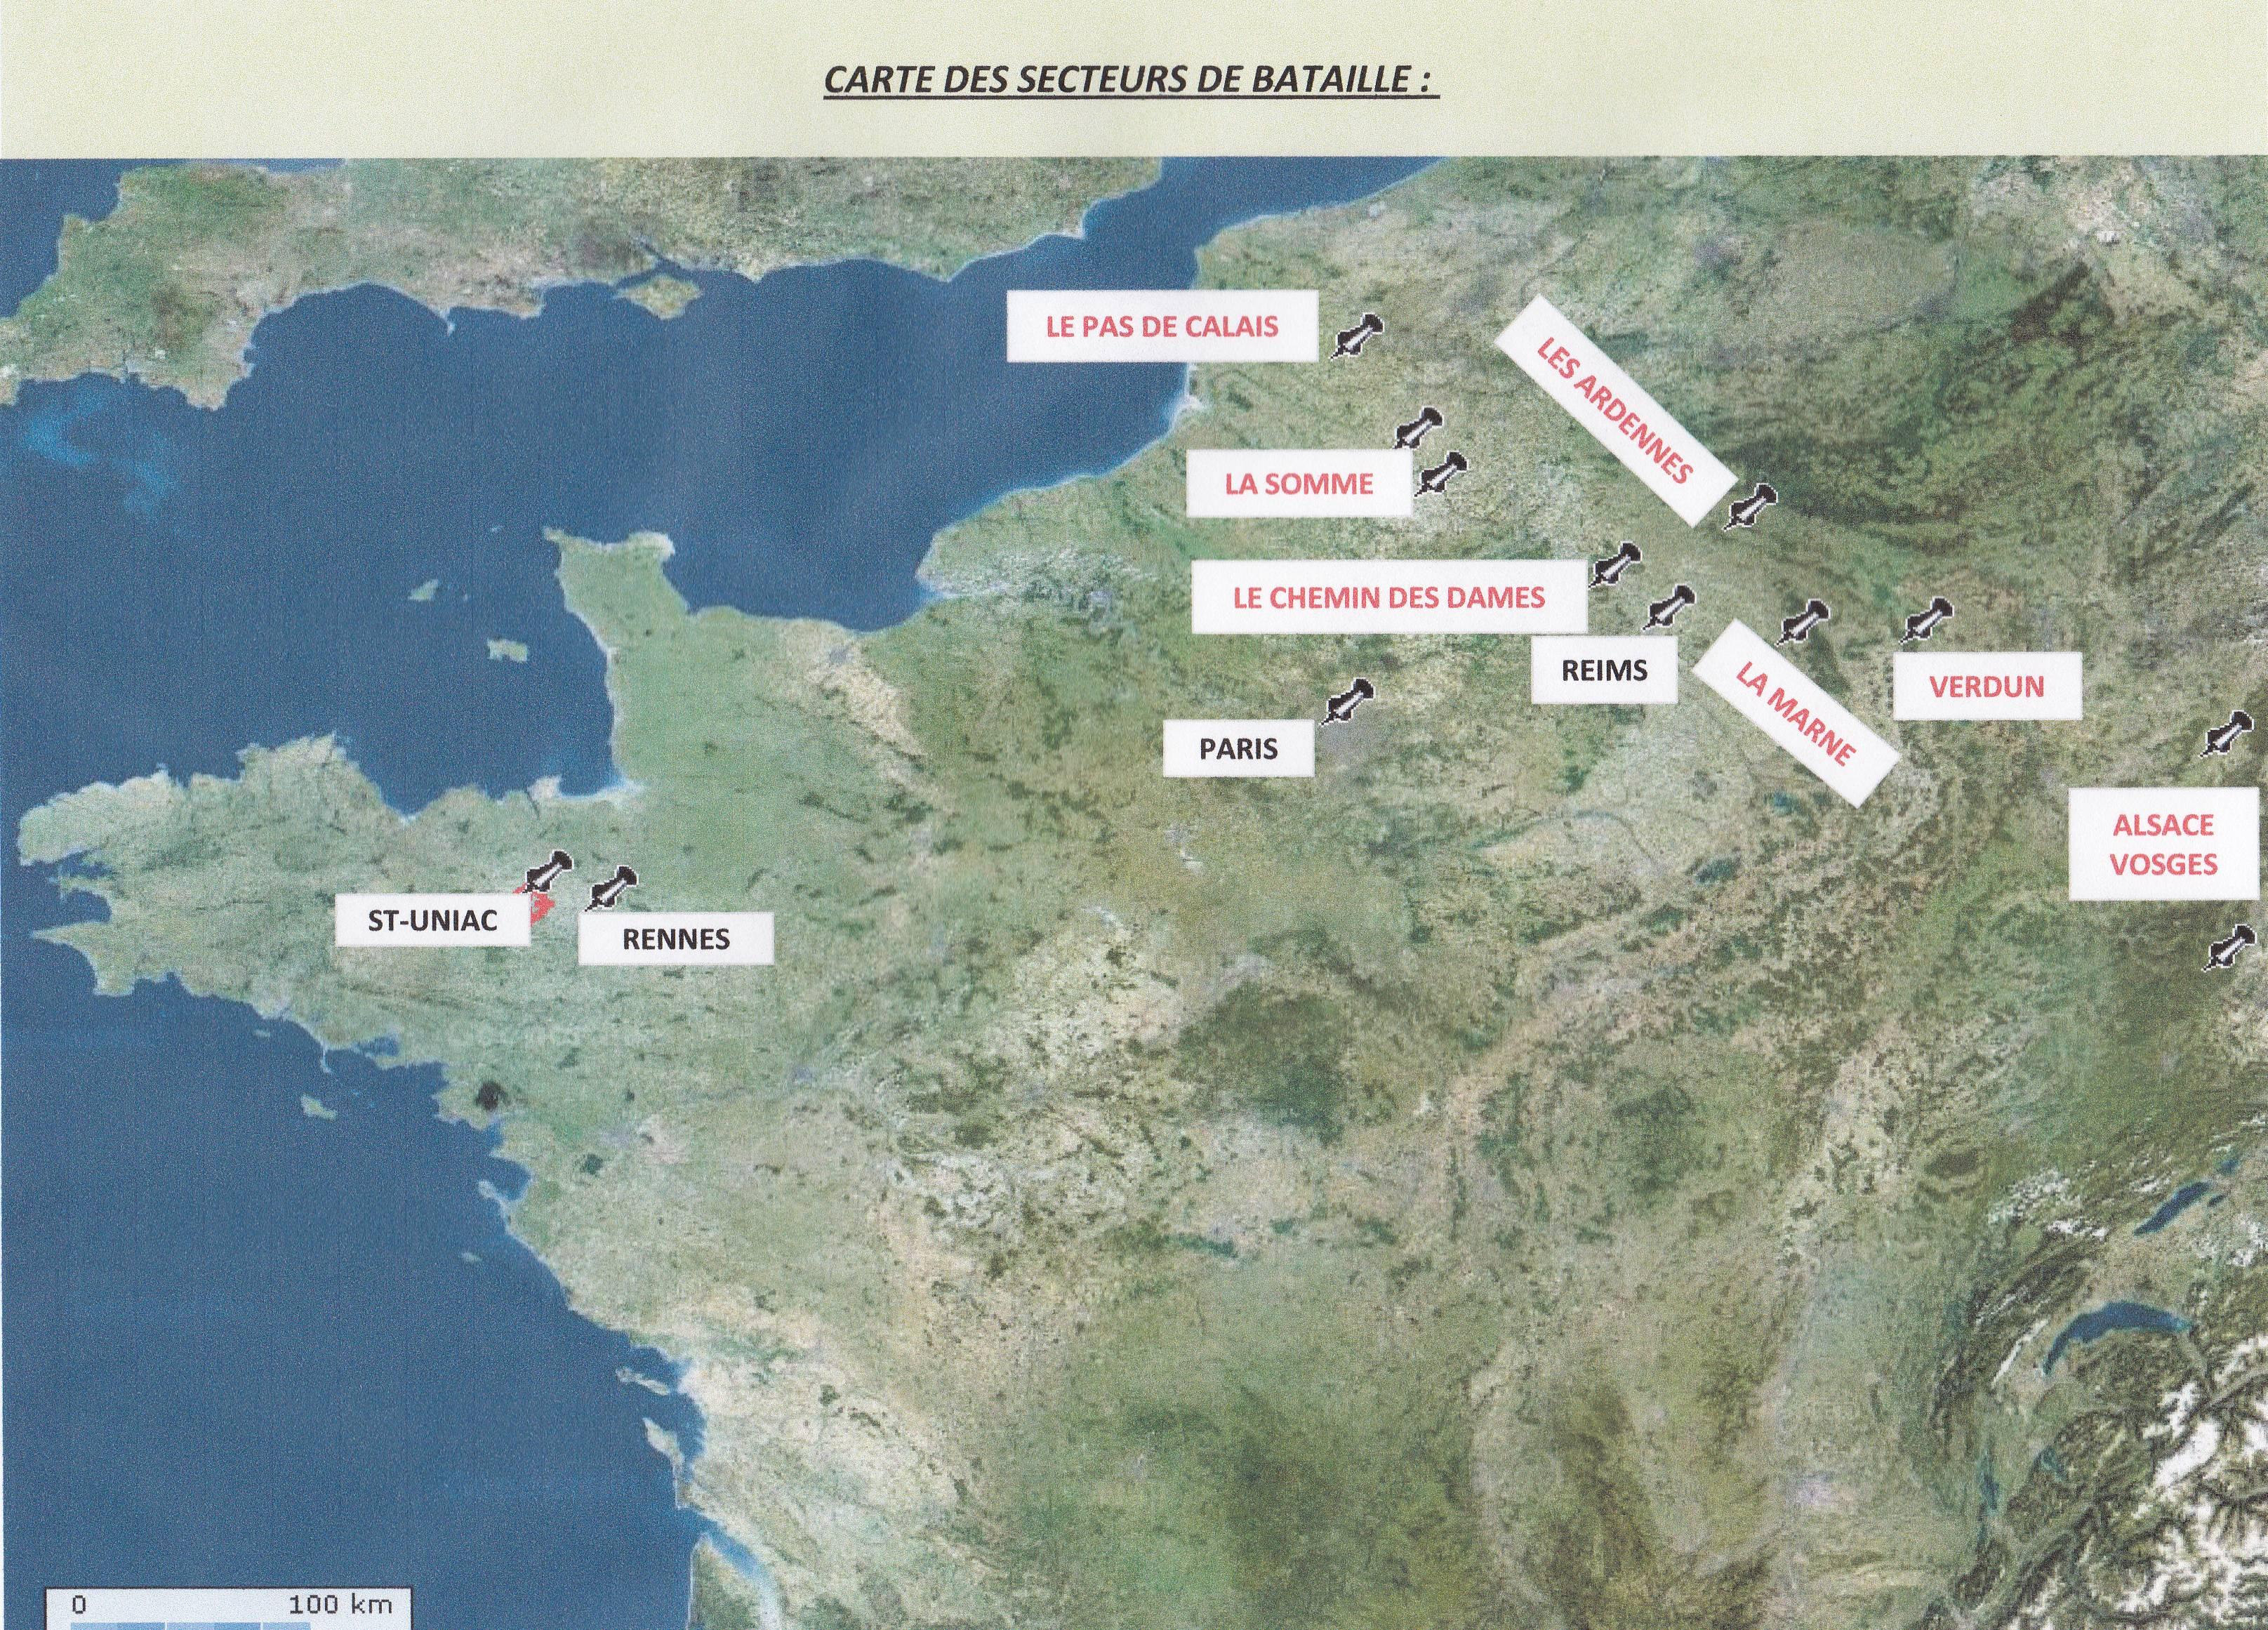 Carte des secteurs de combat: CARTE-SECTEURS-COMBAT